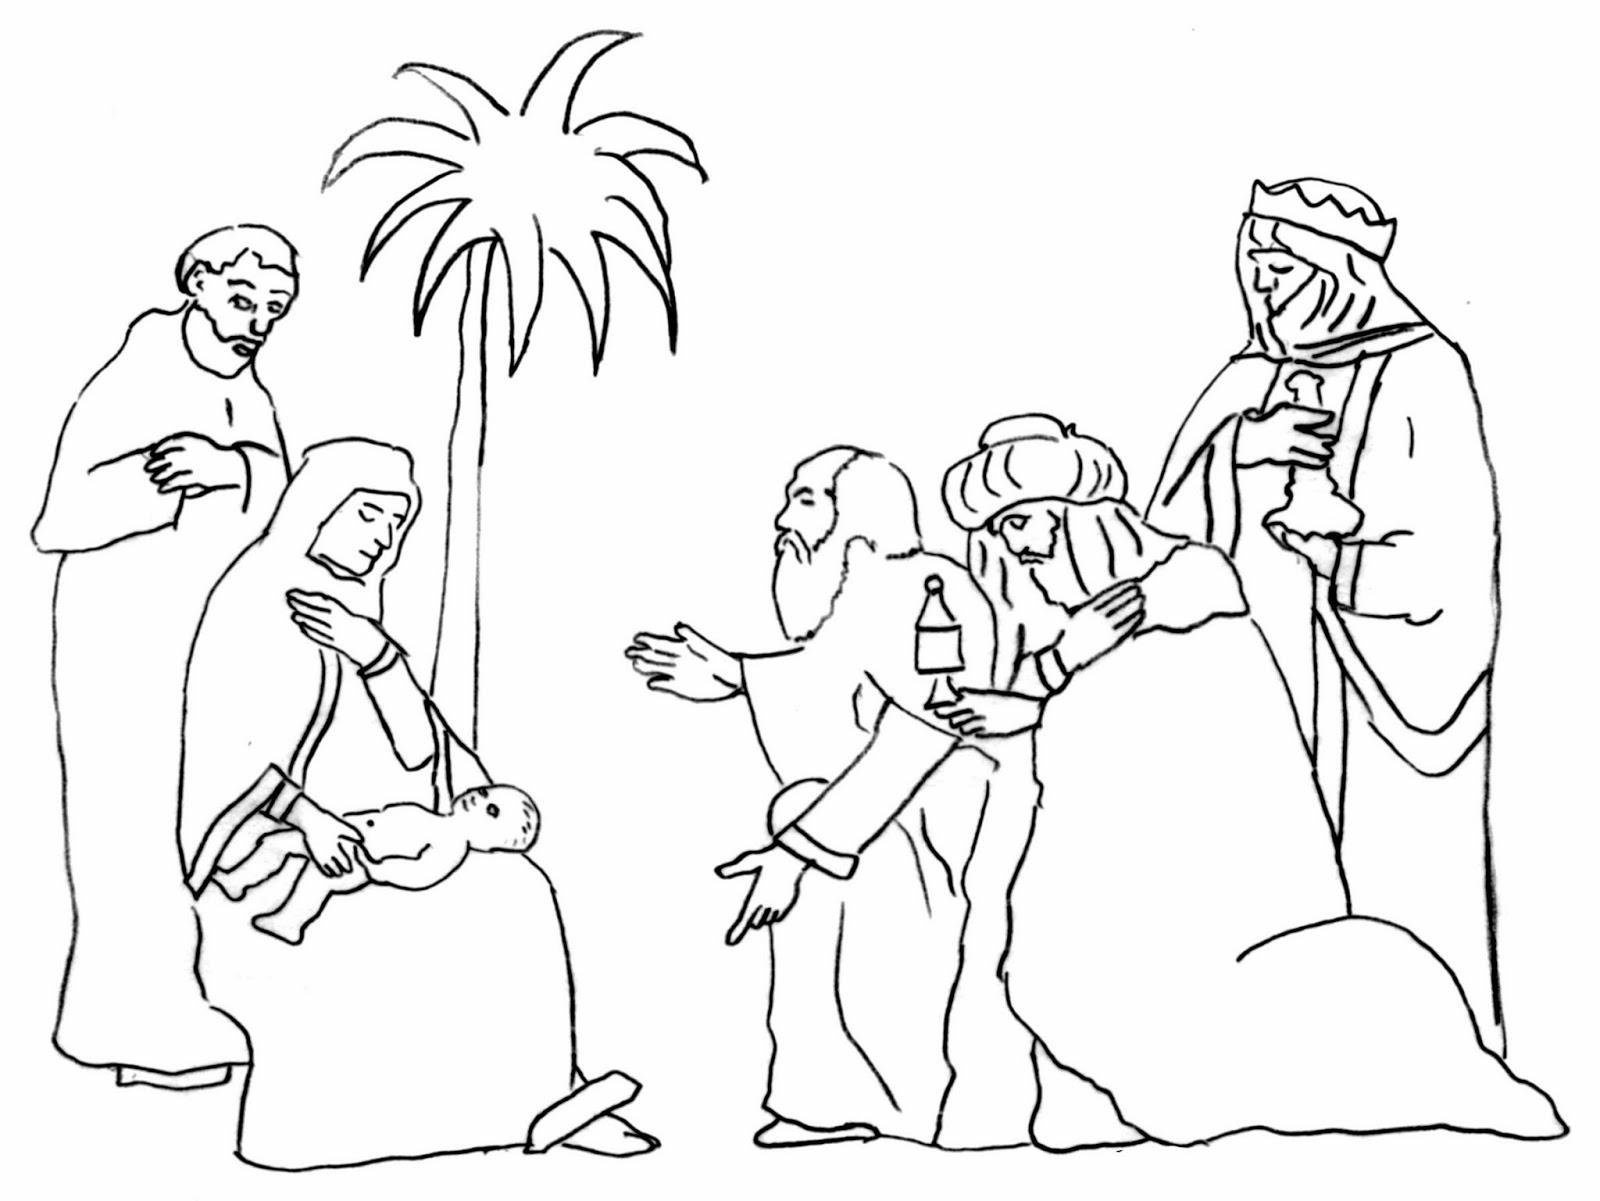 Dibujos Para Colorear De Los Tres Reyes Magos: Imagenes Cristianas Para Colorear: Dibujos Para Colorear